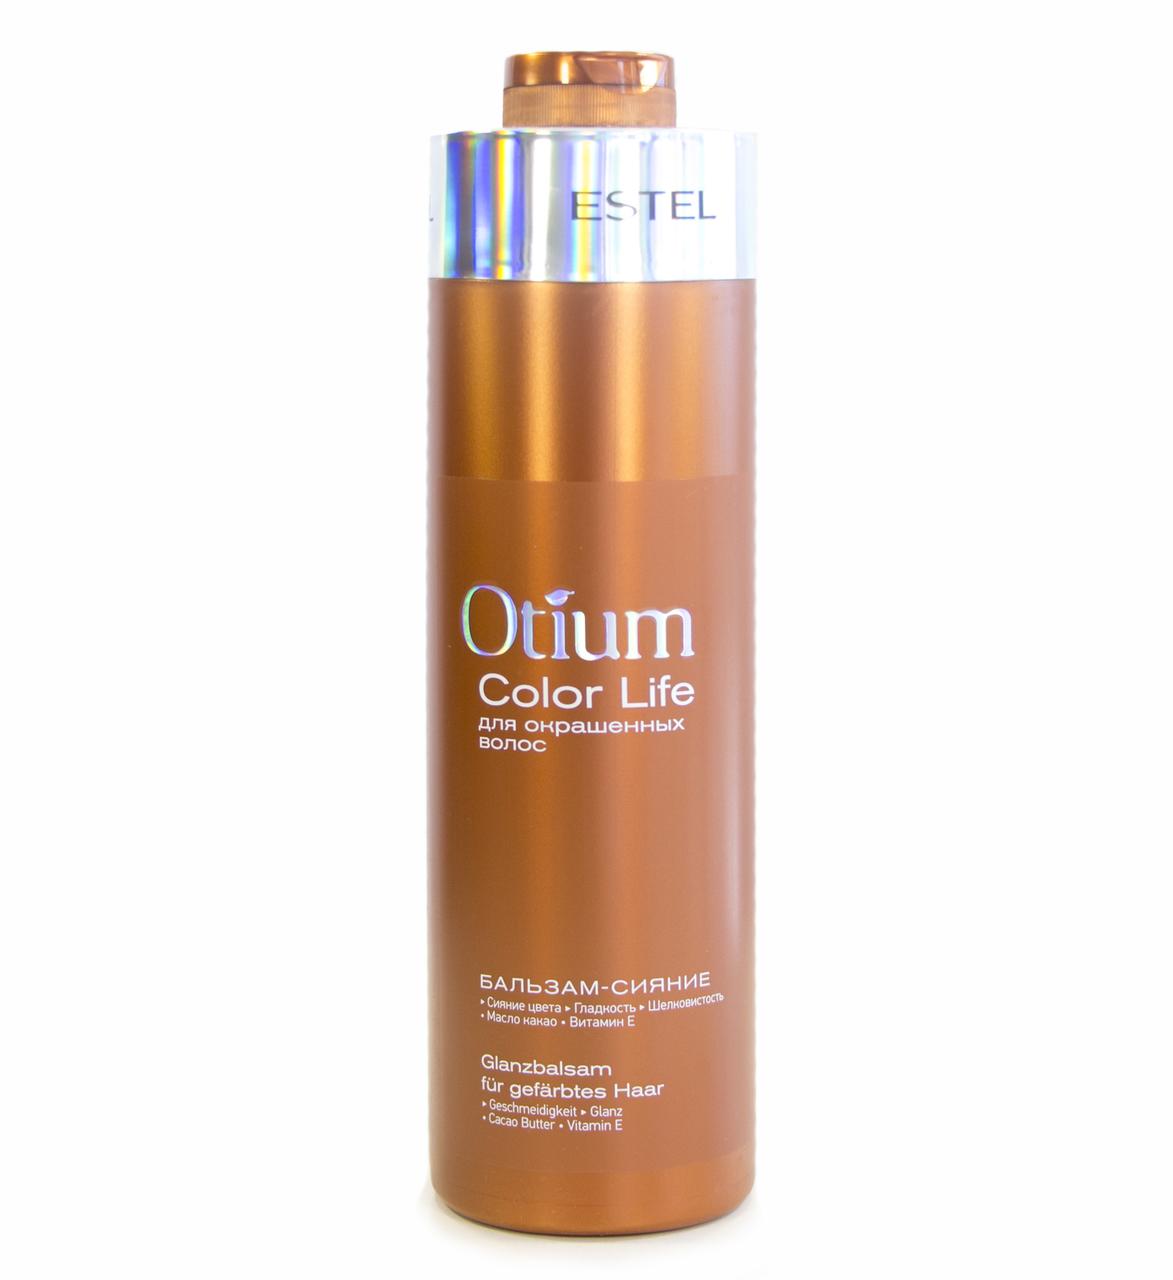 OTIUM mini - бальзам-сияние для окрашенных волос OTIUM COLOR LIFE